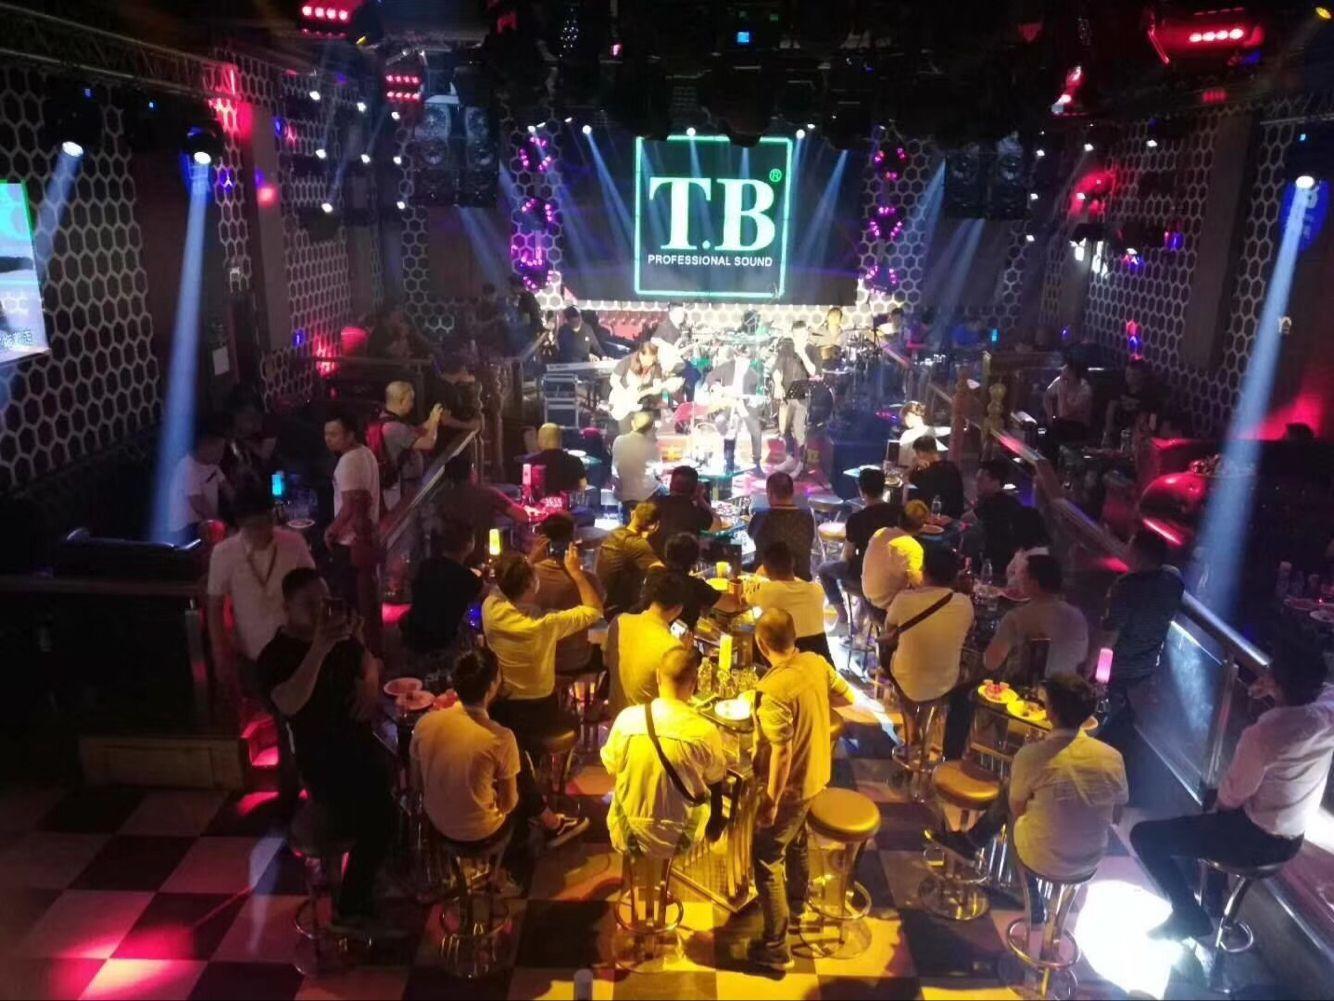 TB酒吧3.jpg